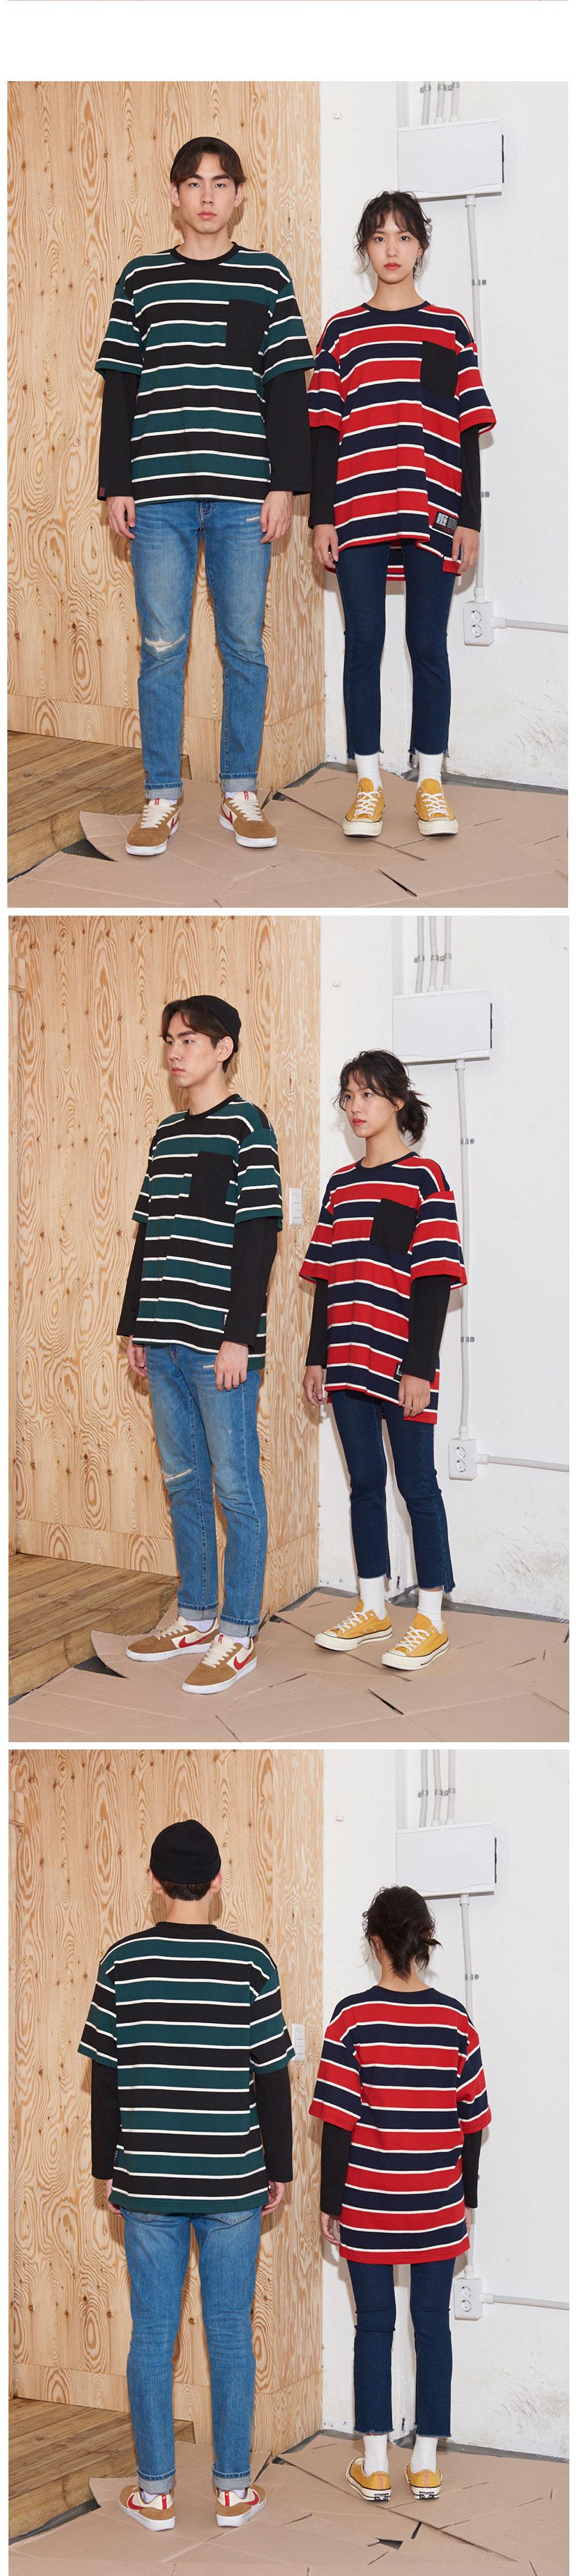 1스트라이프-레이어드-티셔츠-초록_03.jpg